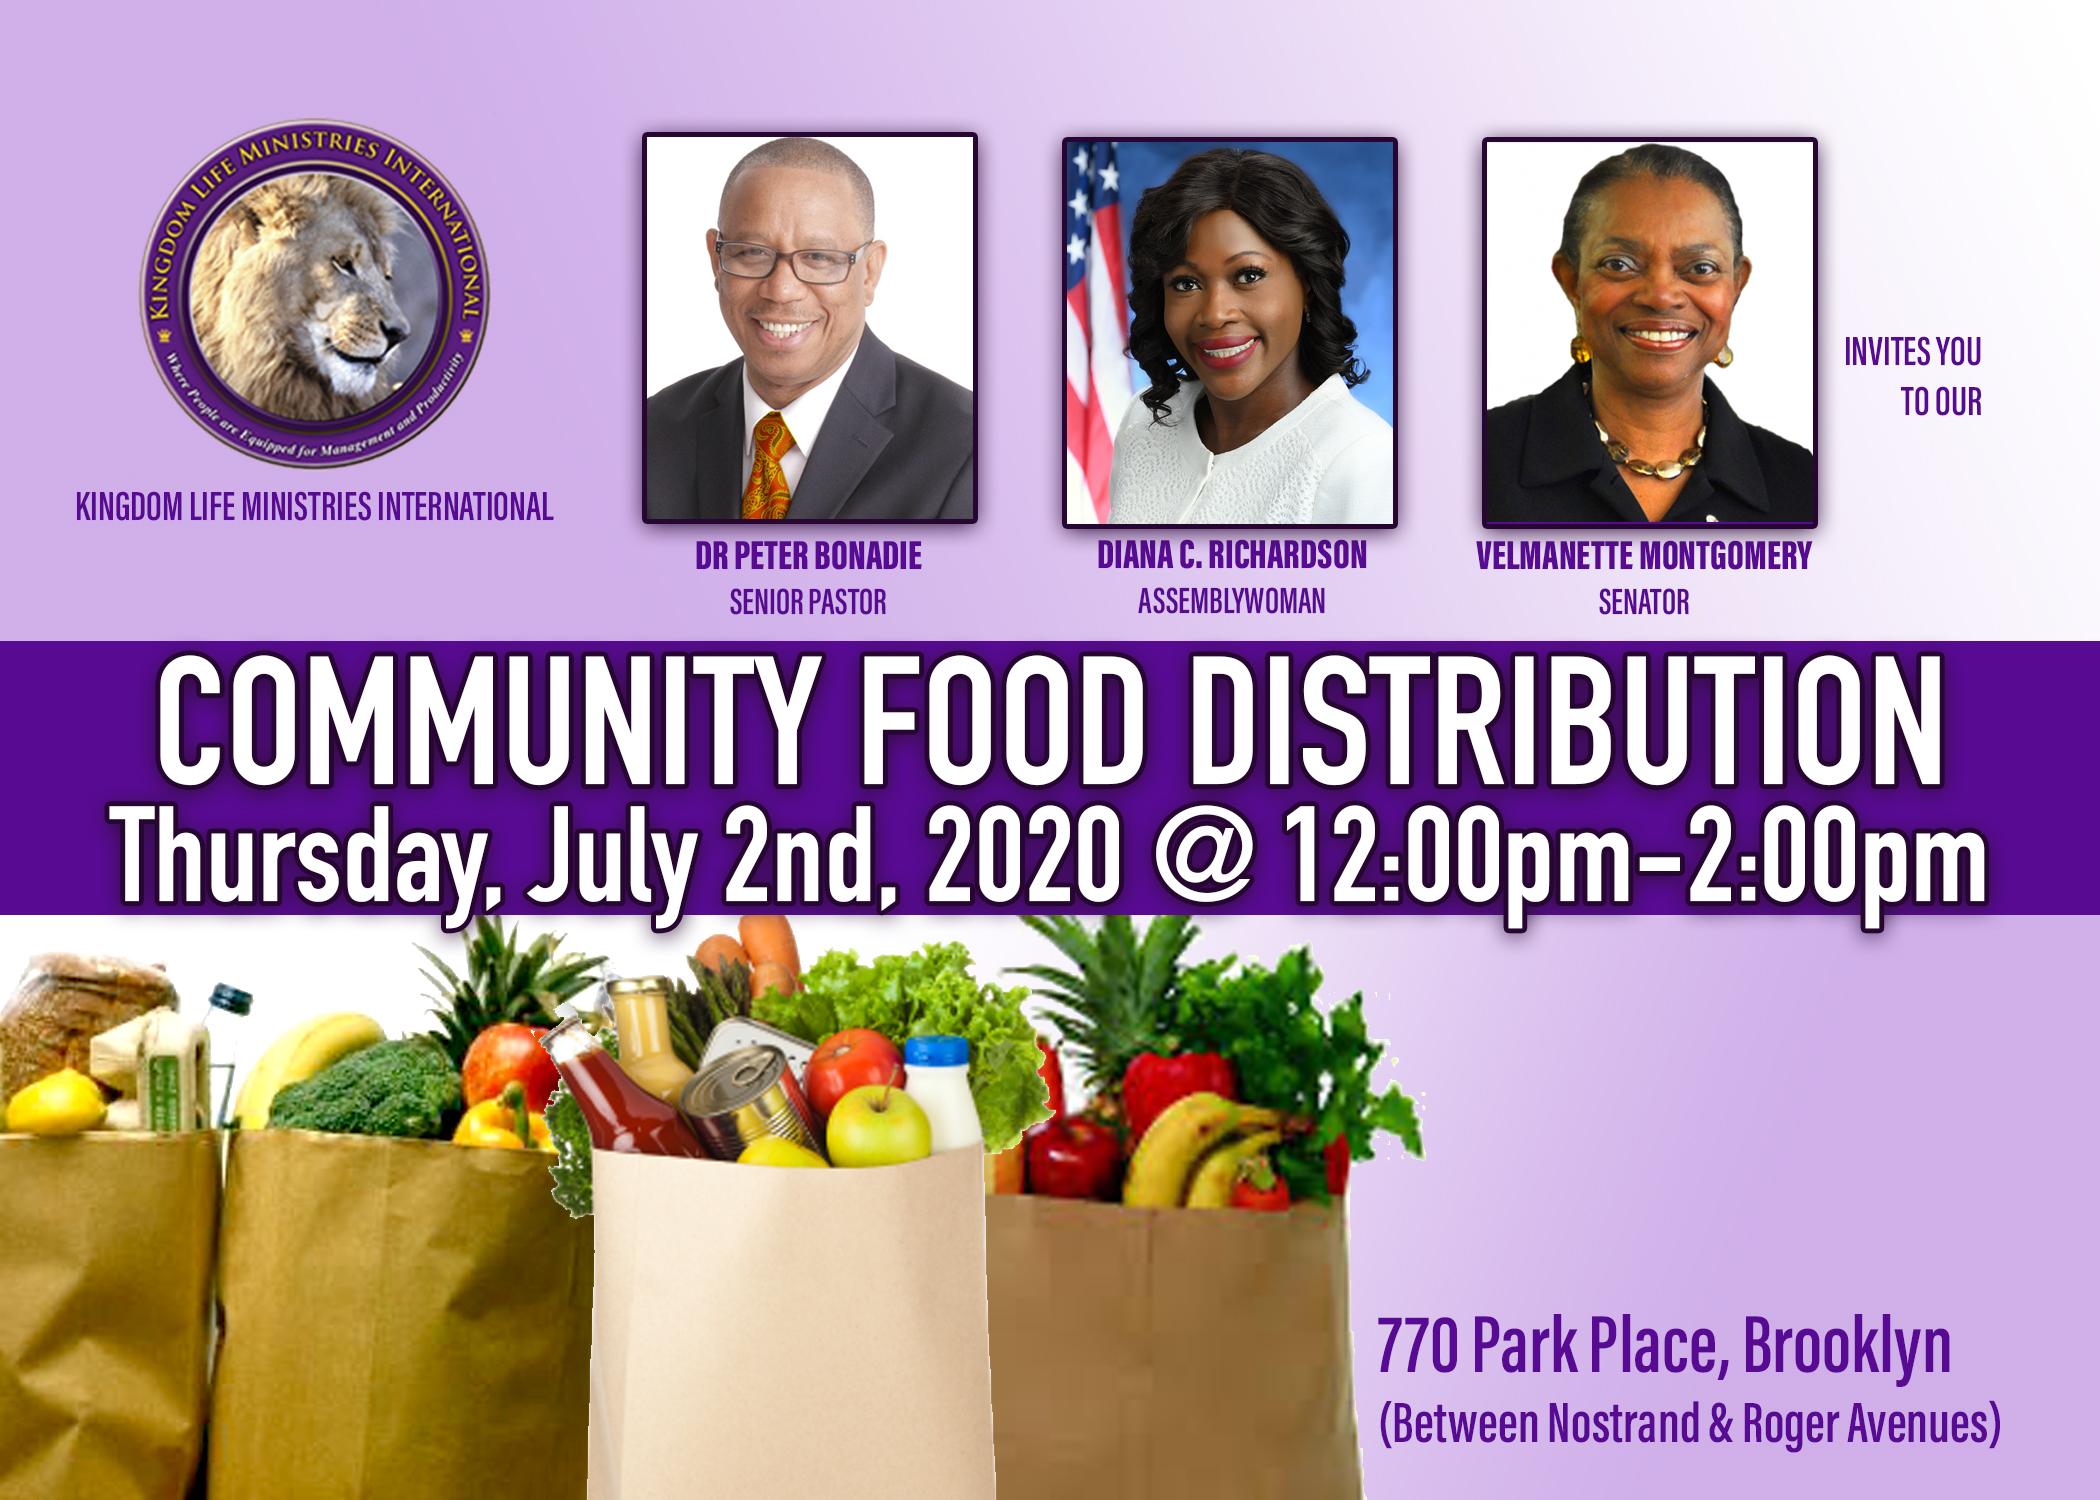 KLMI food distribution july 2020fl 1 - Home